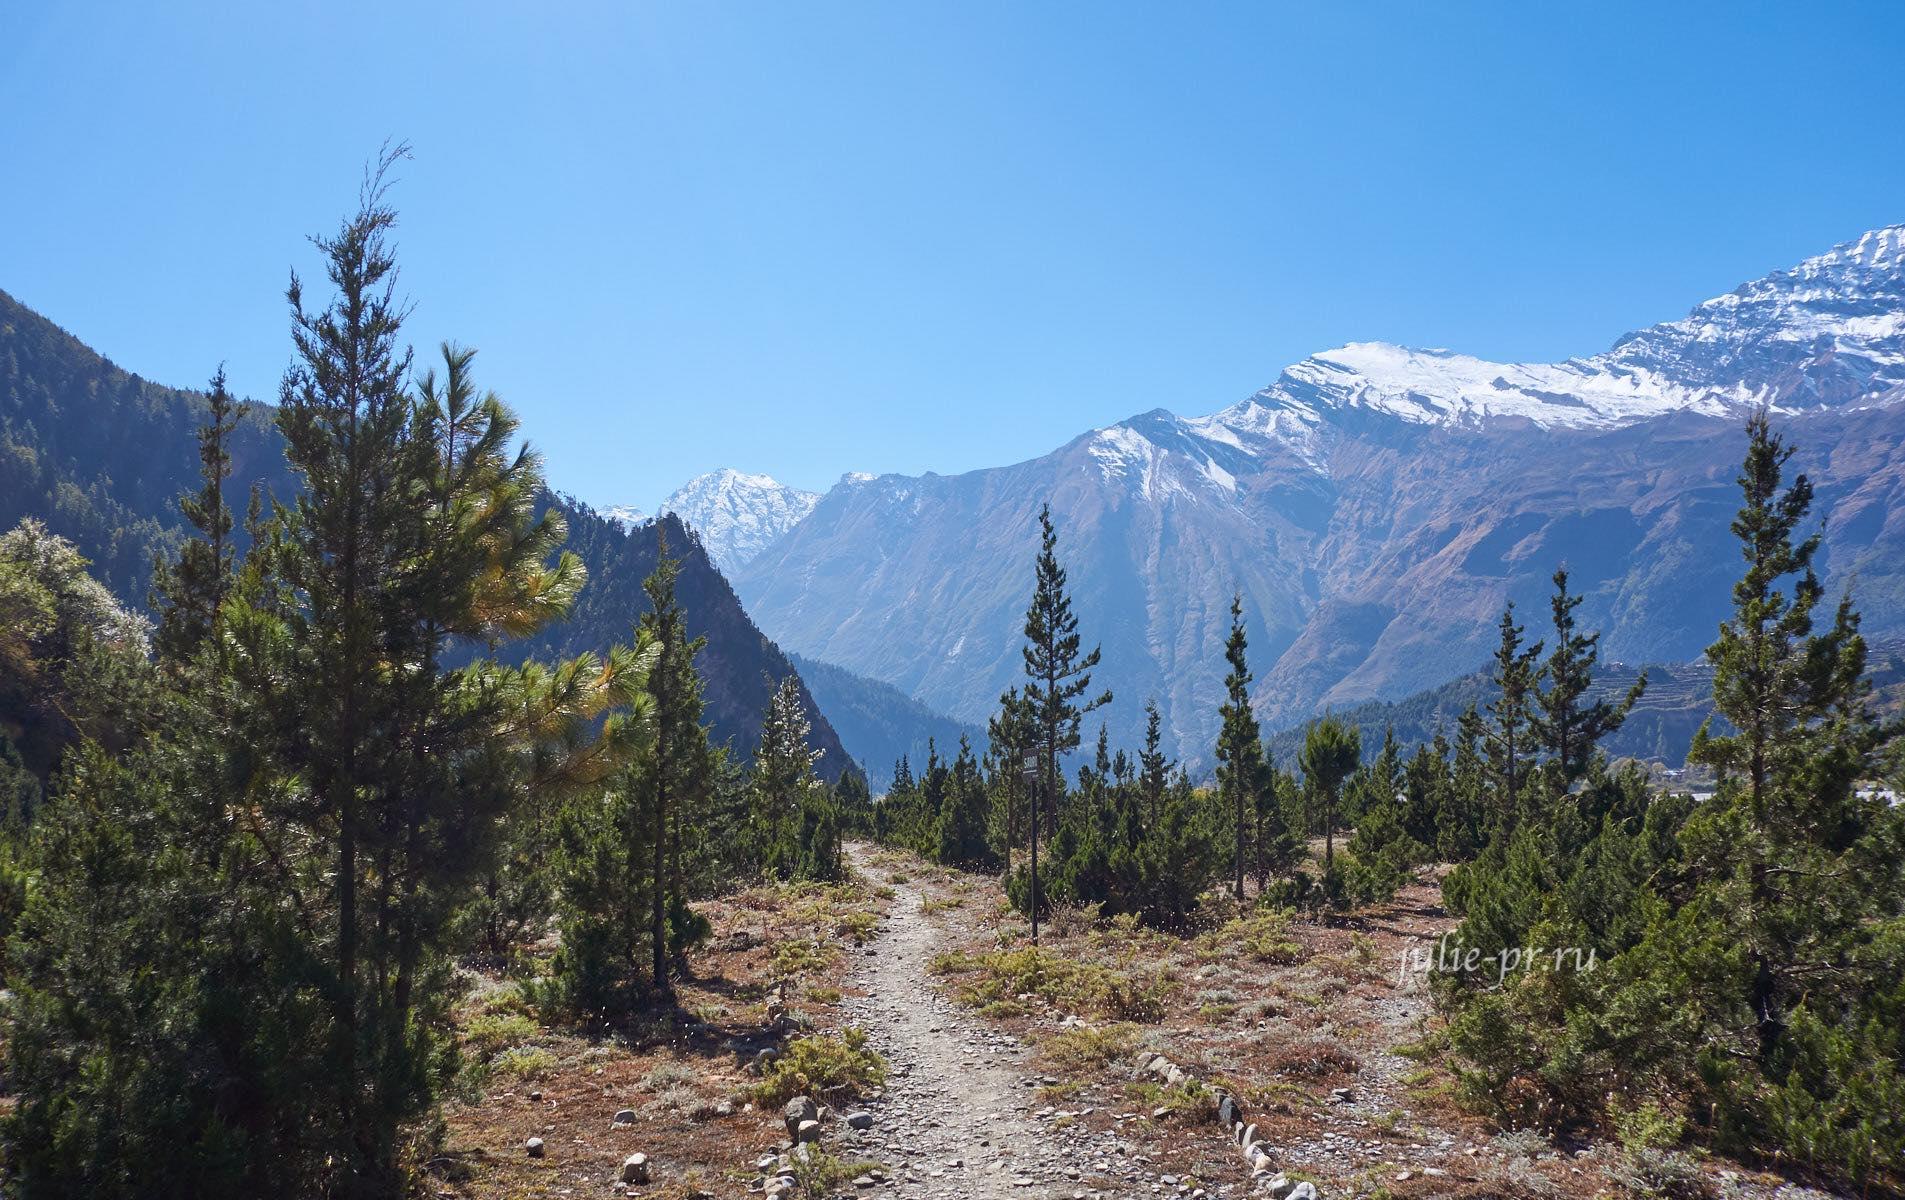 Непал, Трек вокруг Аннапурны, Тропа среди сосен